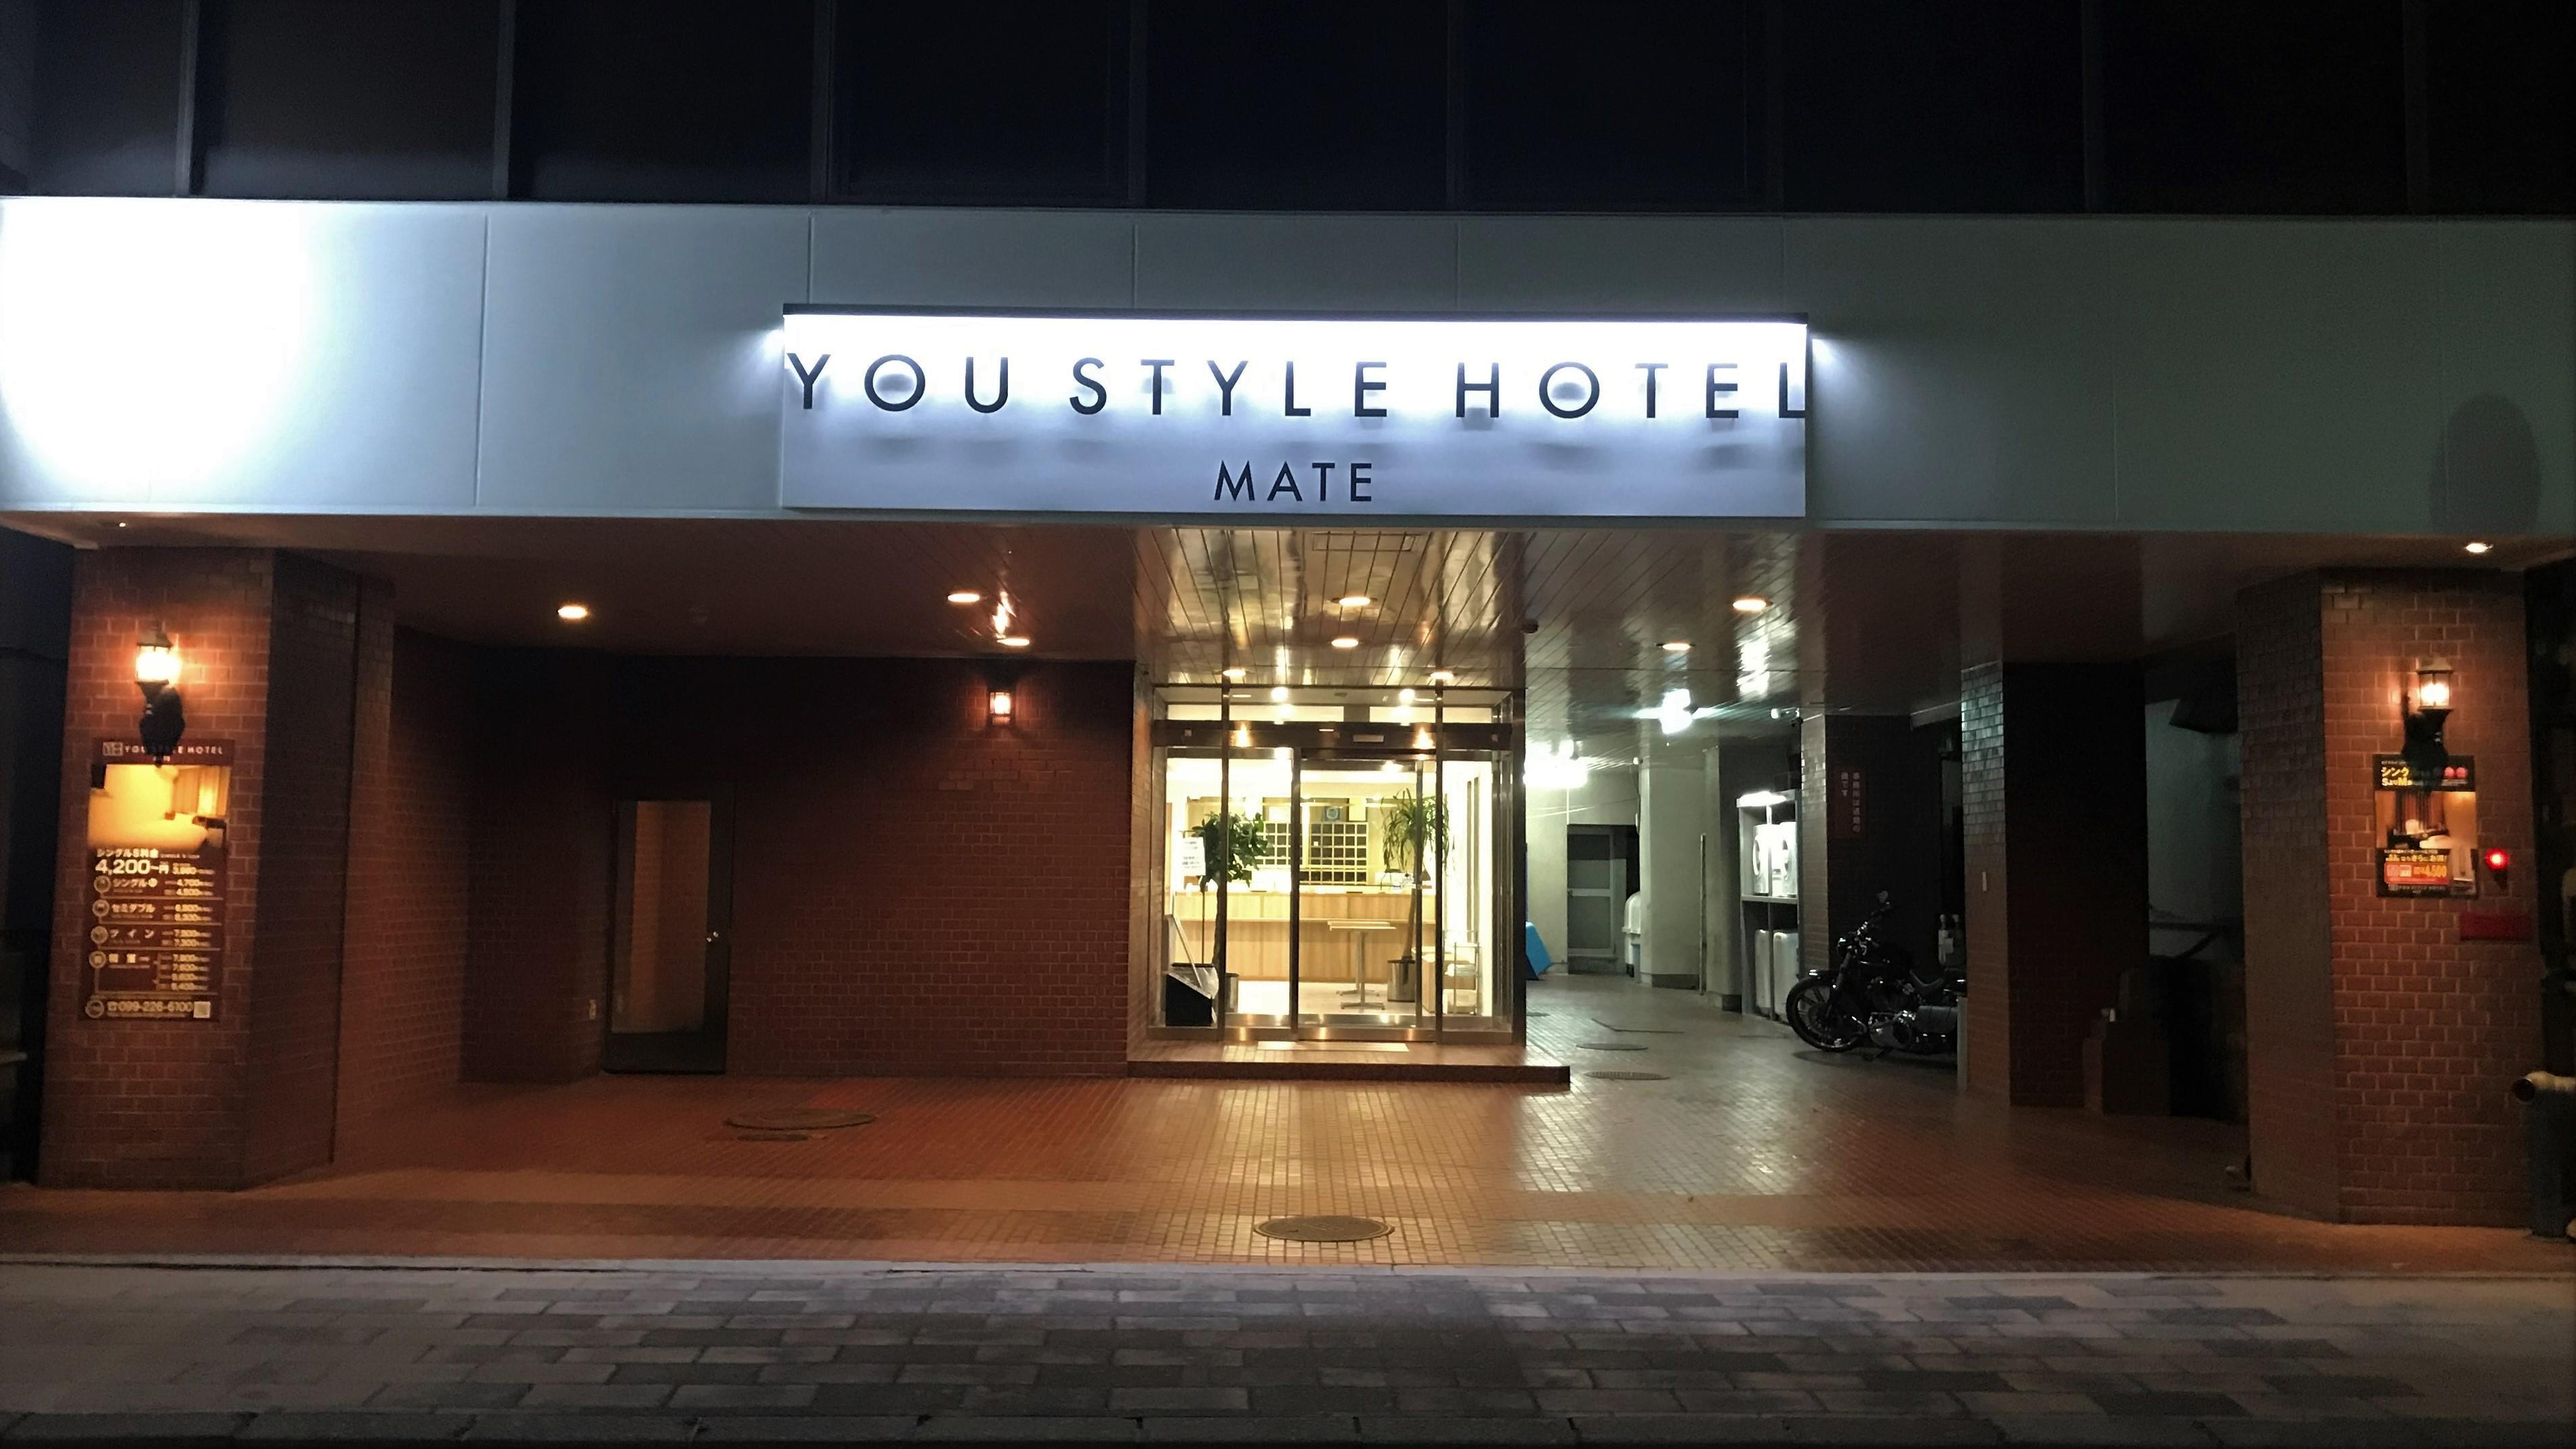 ホテルメイト